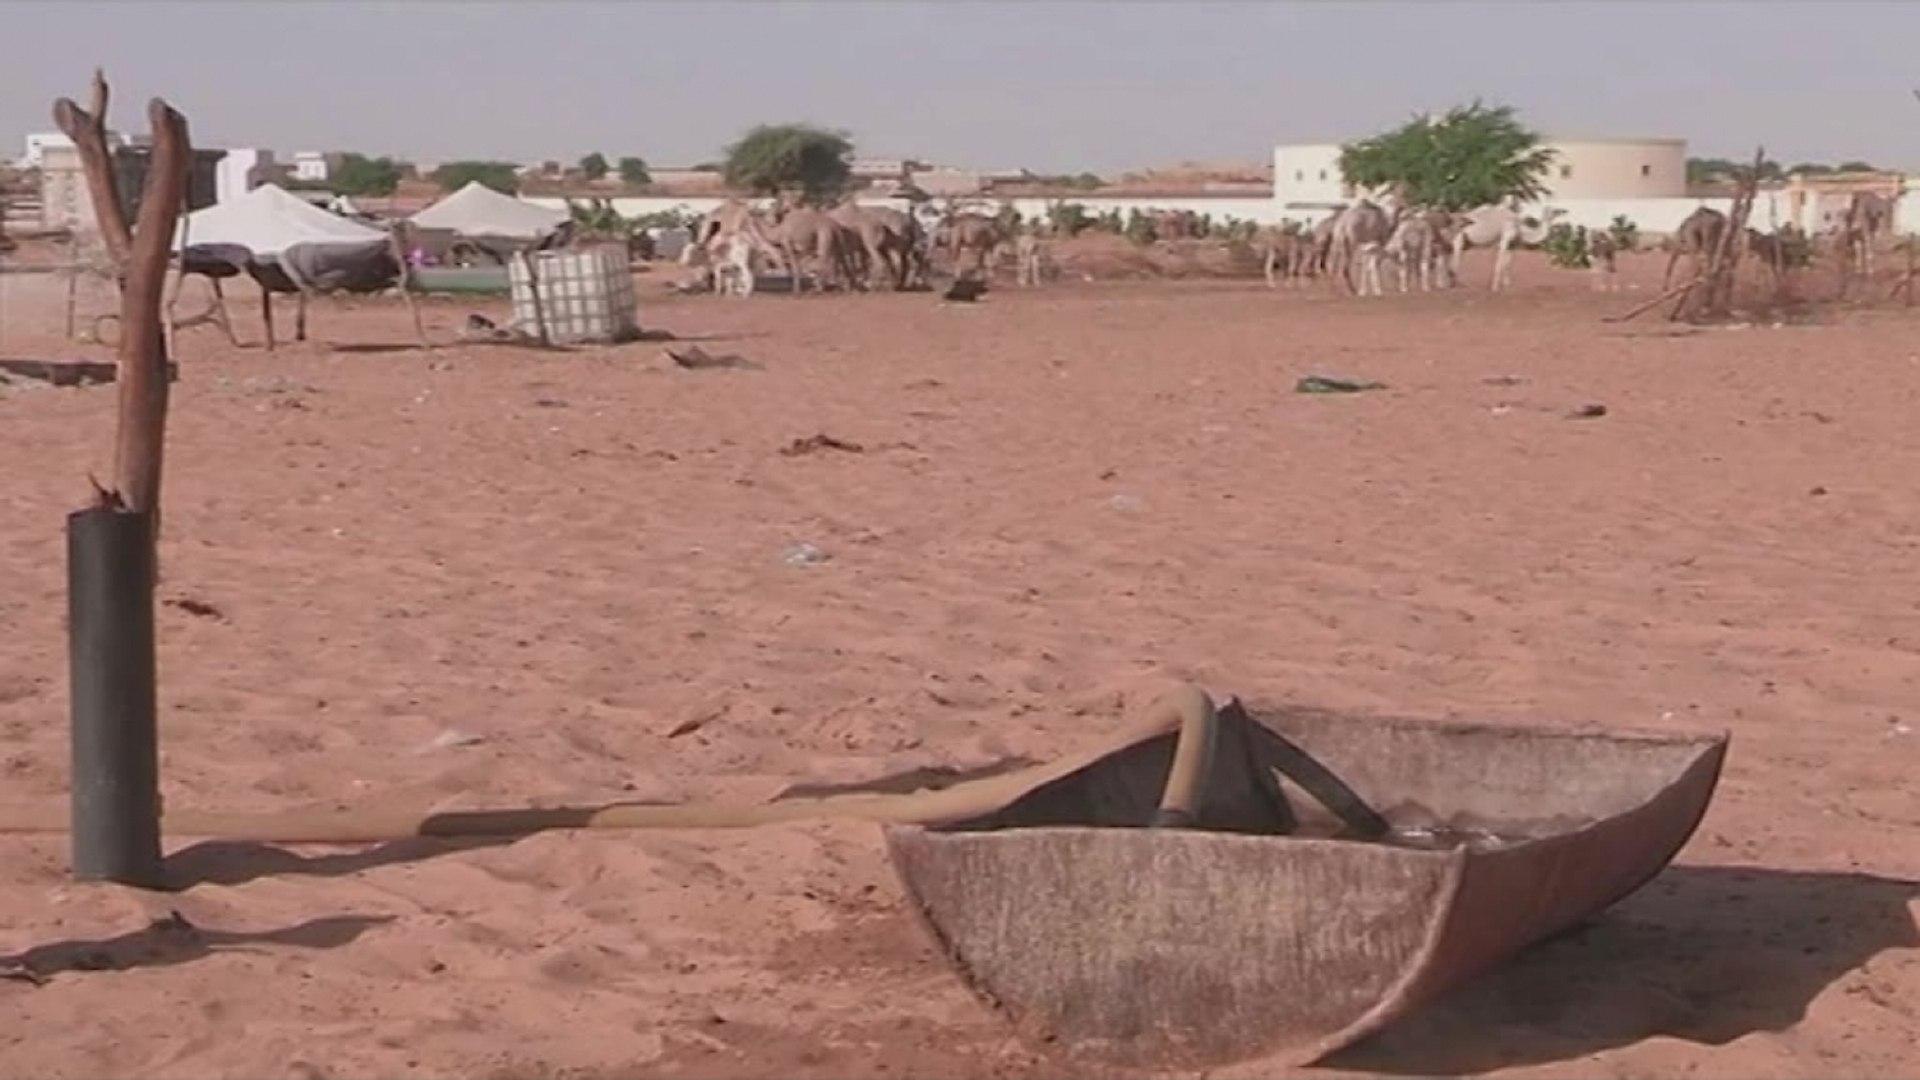 Mauritanie, Les défis de la valorisation de l'élevage